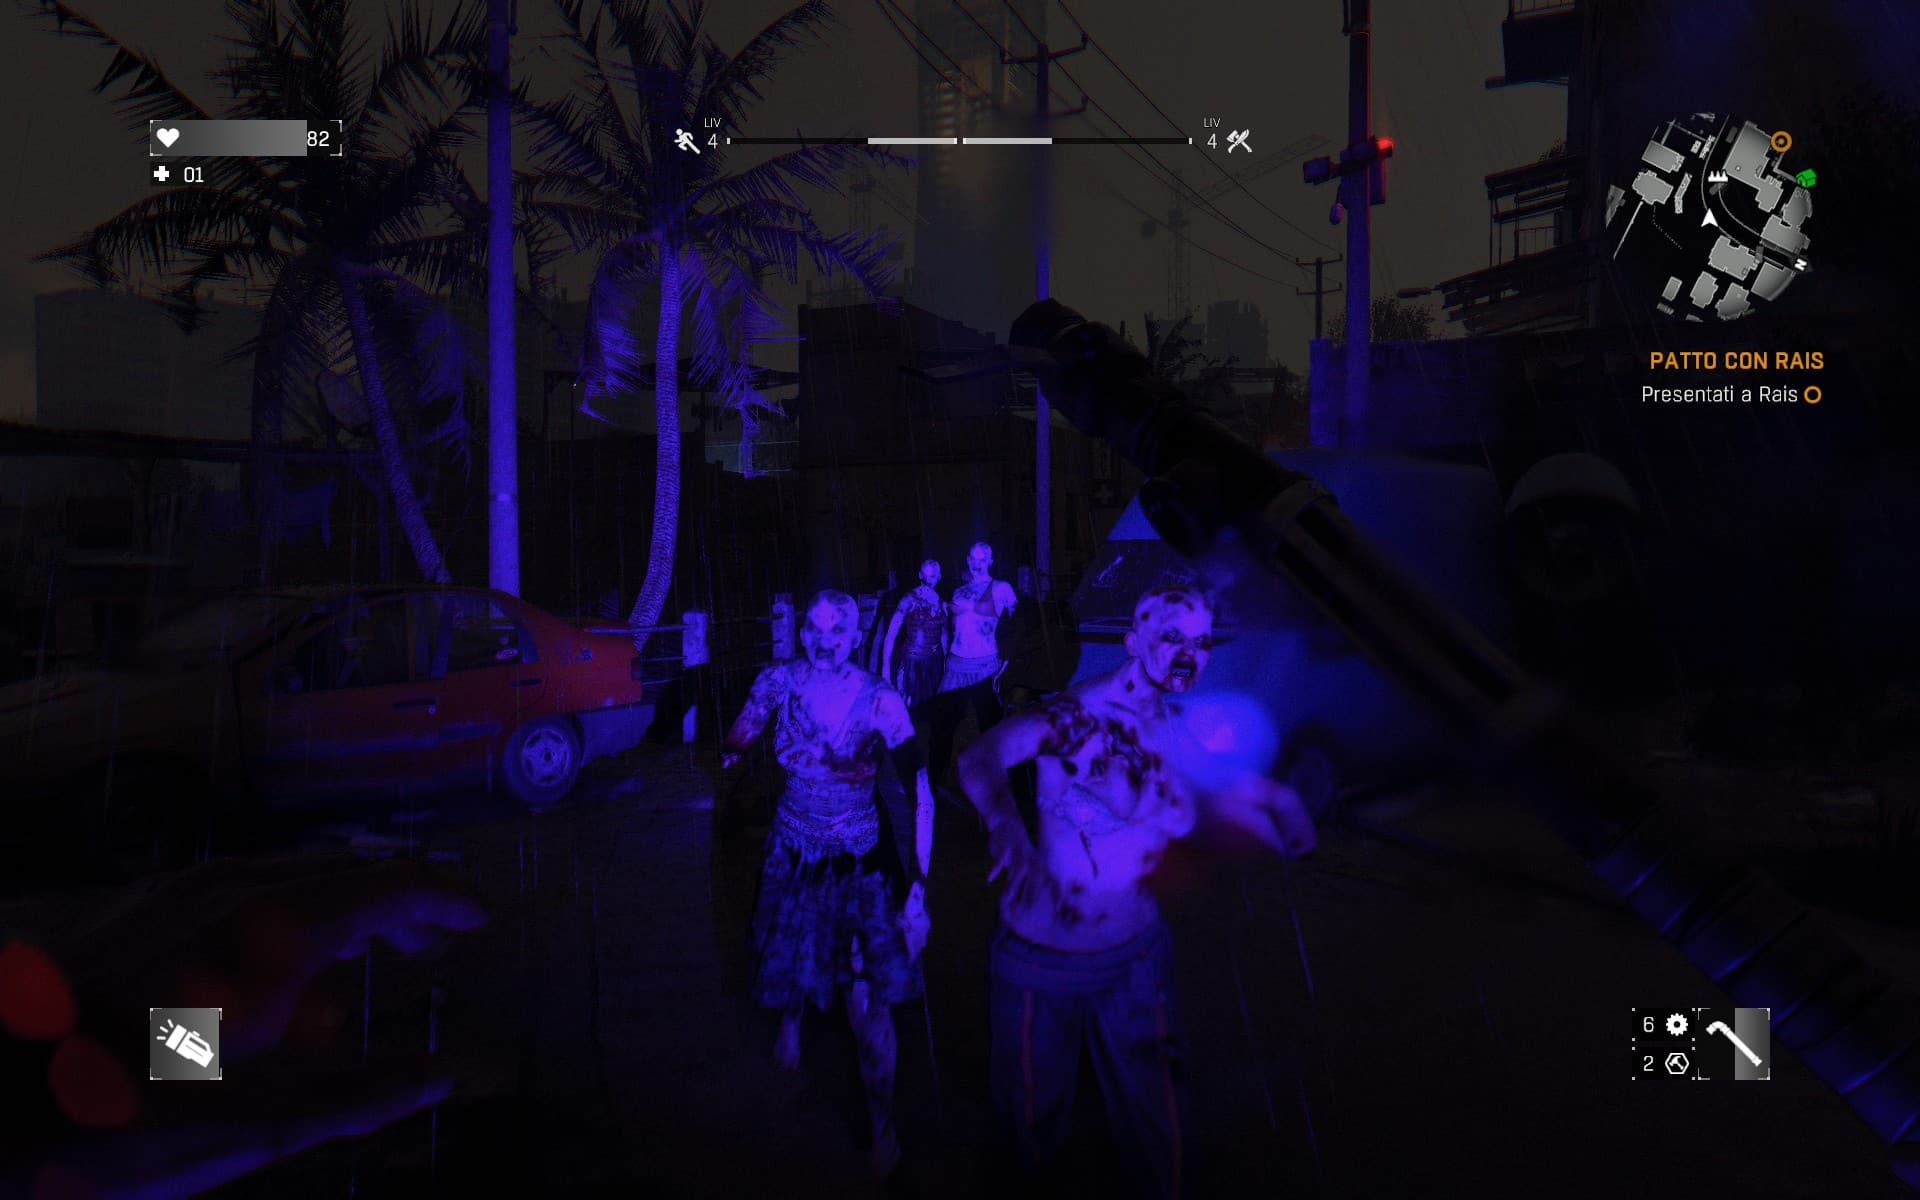 La notte cala e gli zombie diventano feroci. La luce UV li tiene a bada, ma occhio alla batteria!